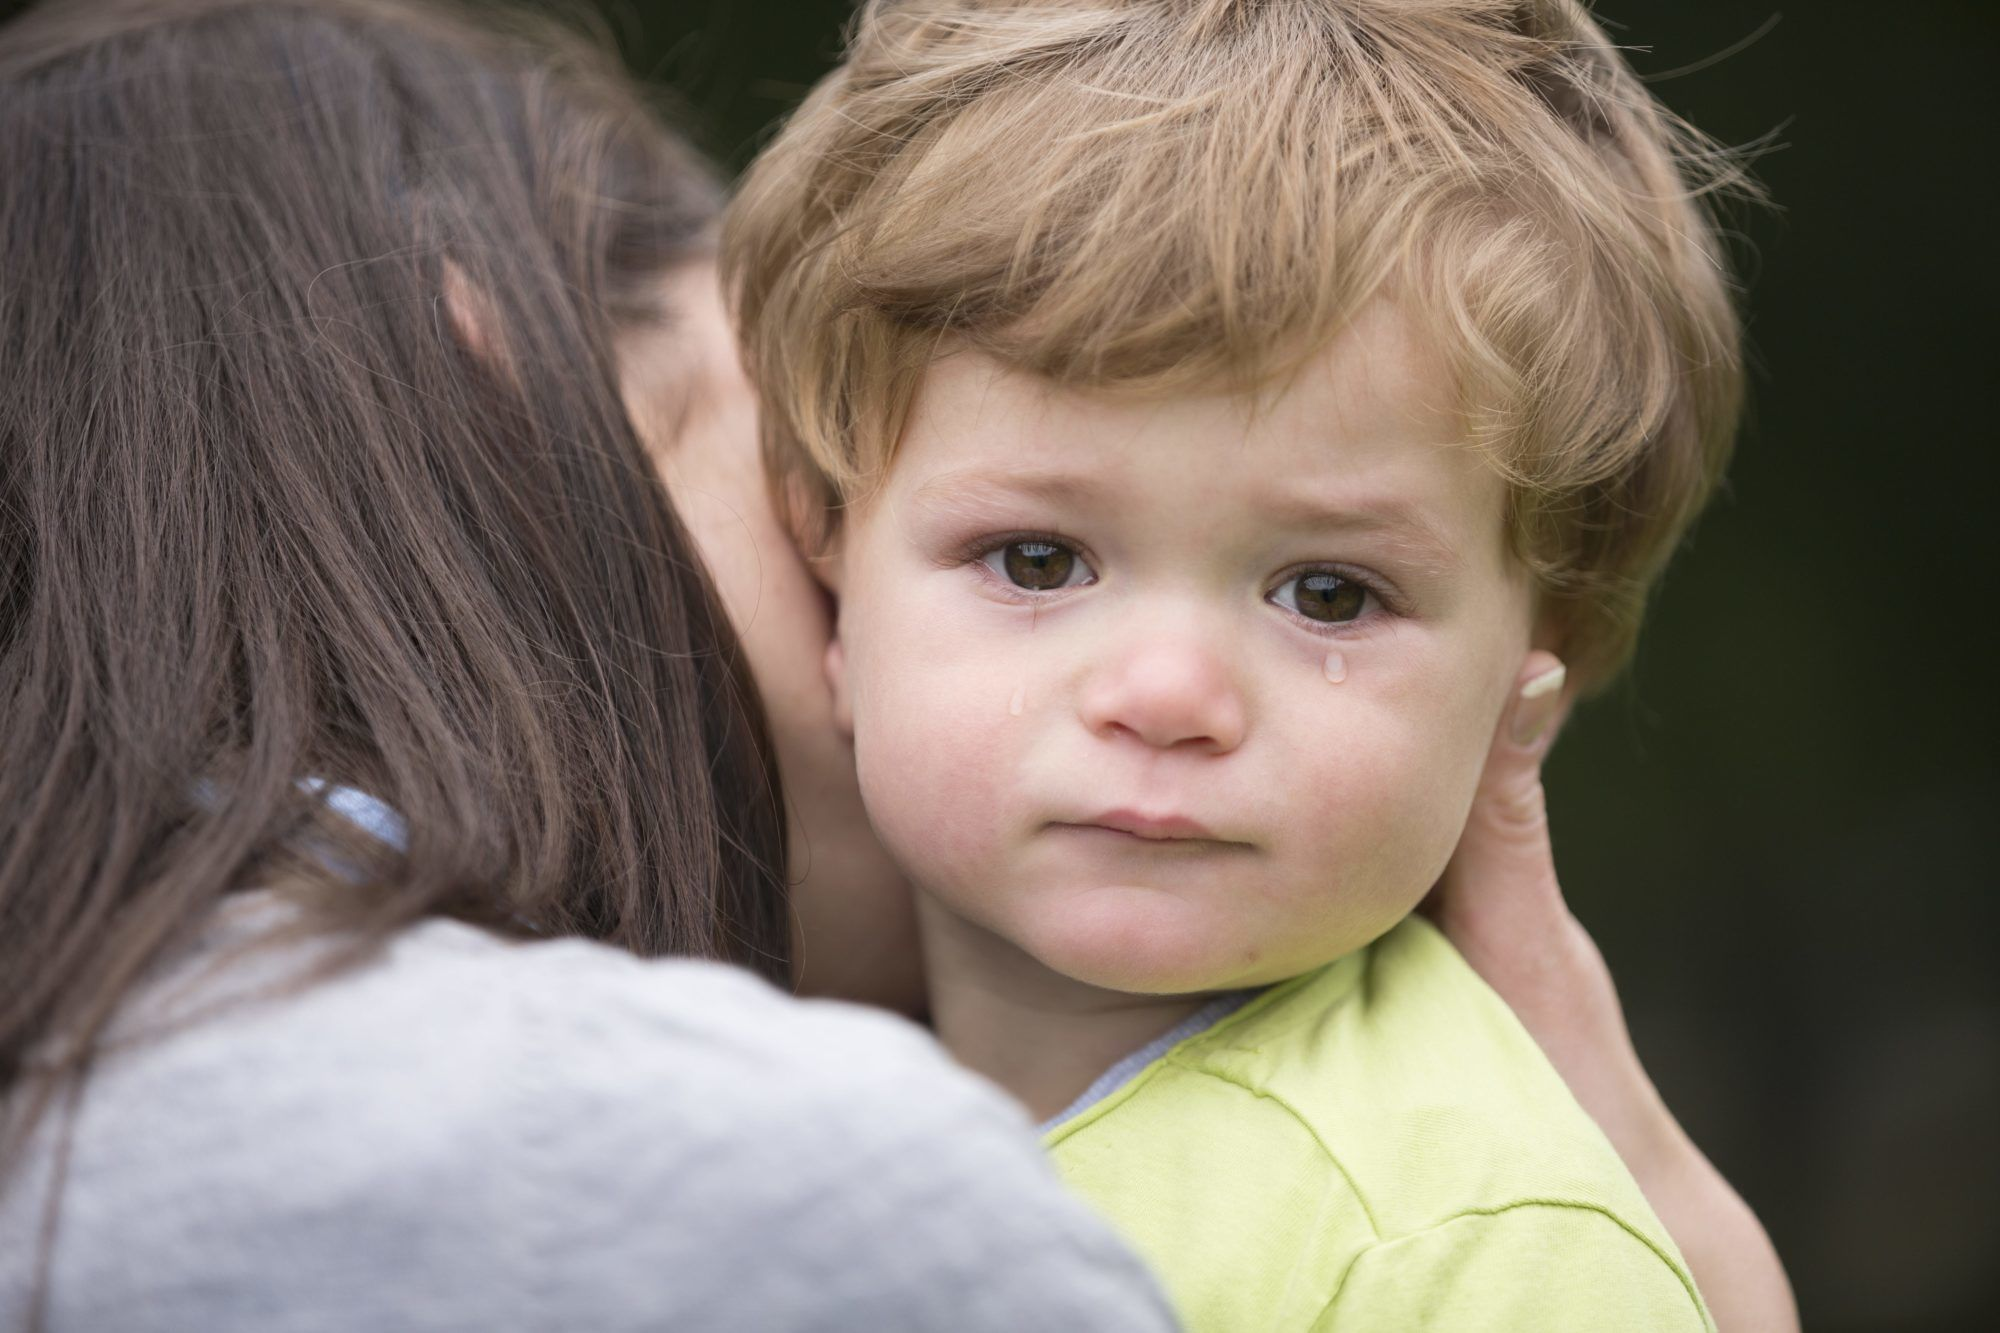 Imparare ad amare in modo sano da bambini   Dipendiamo.blog